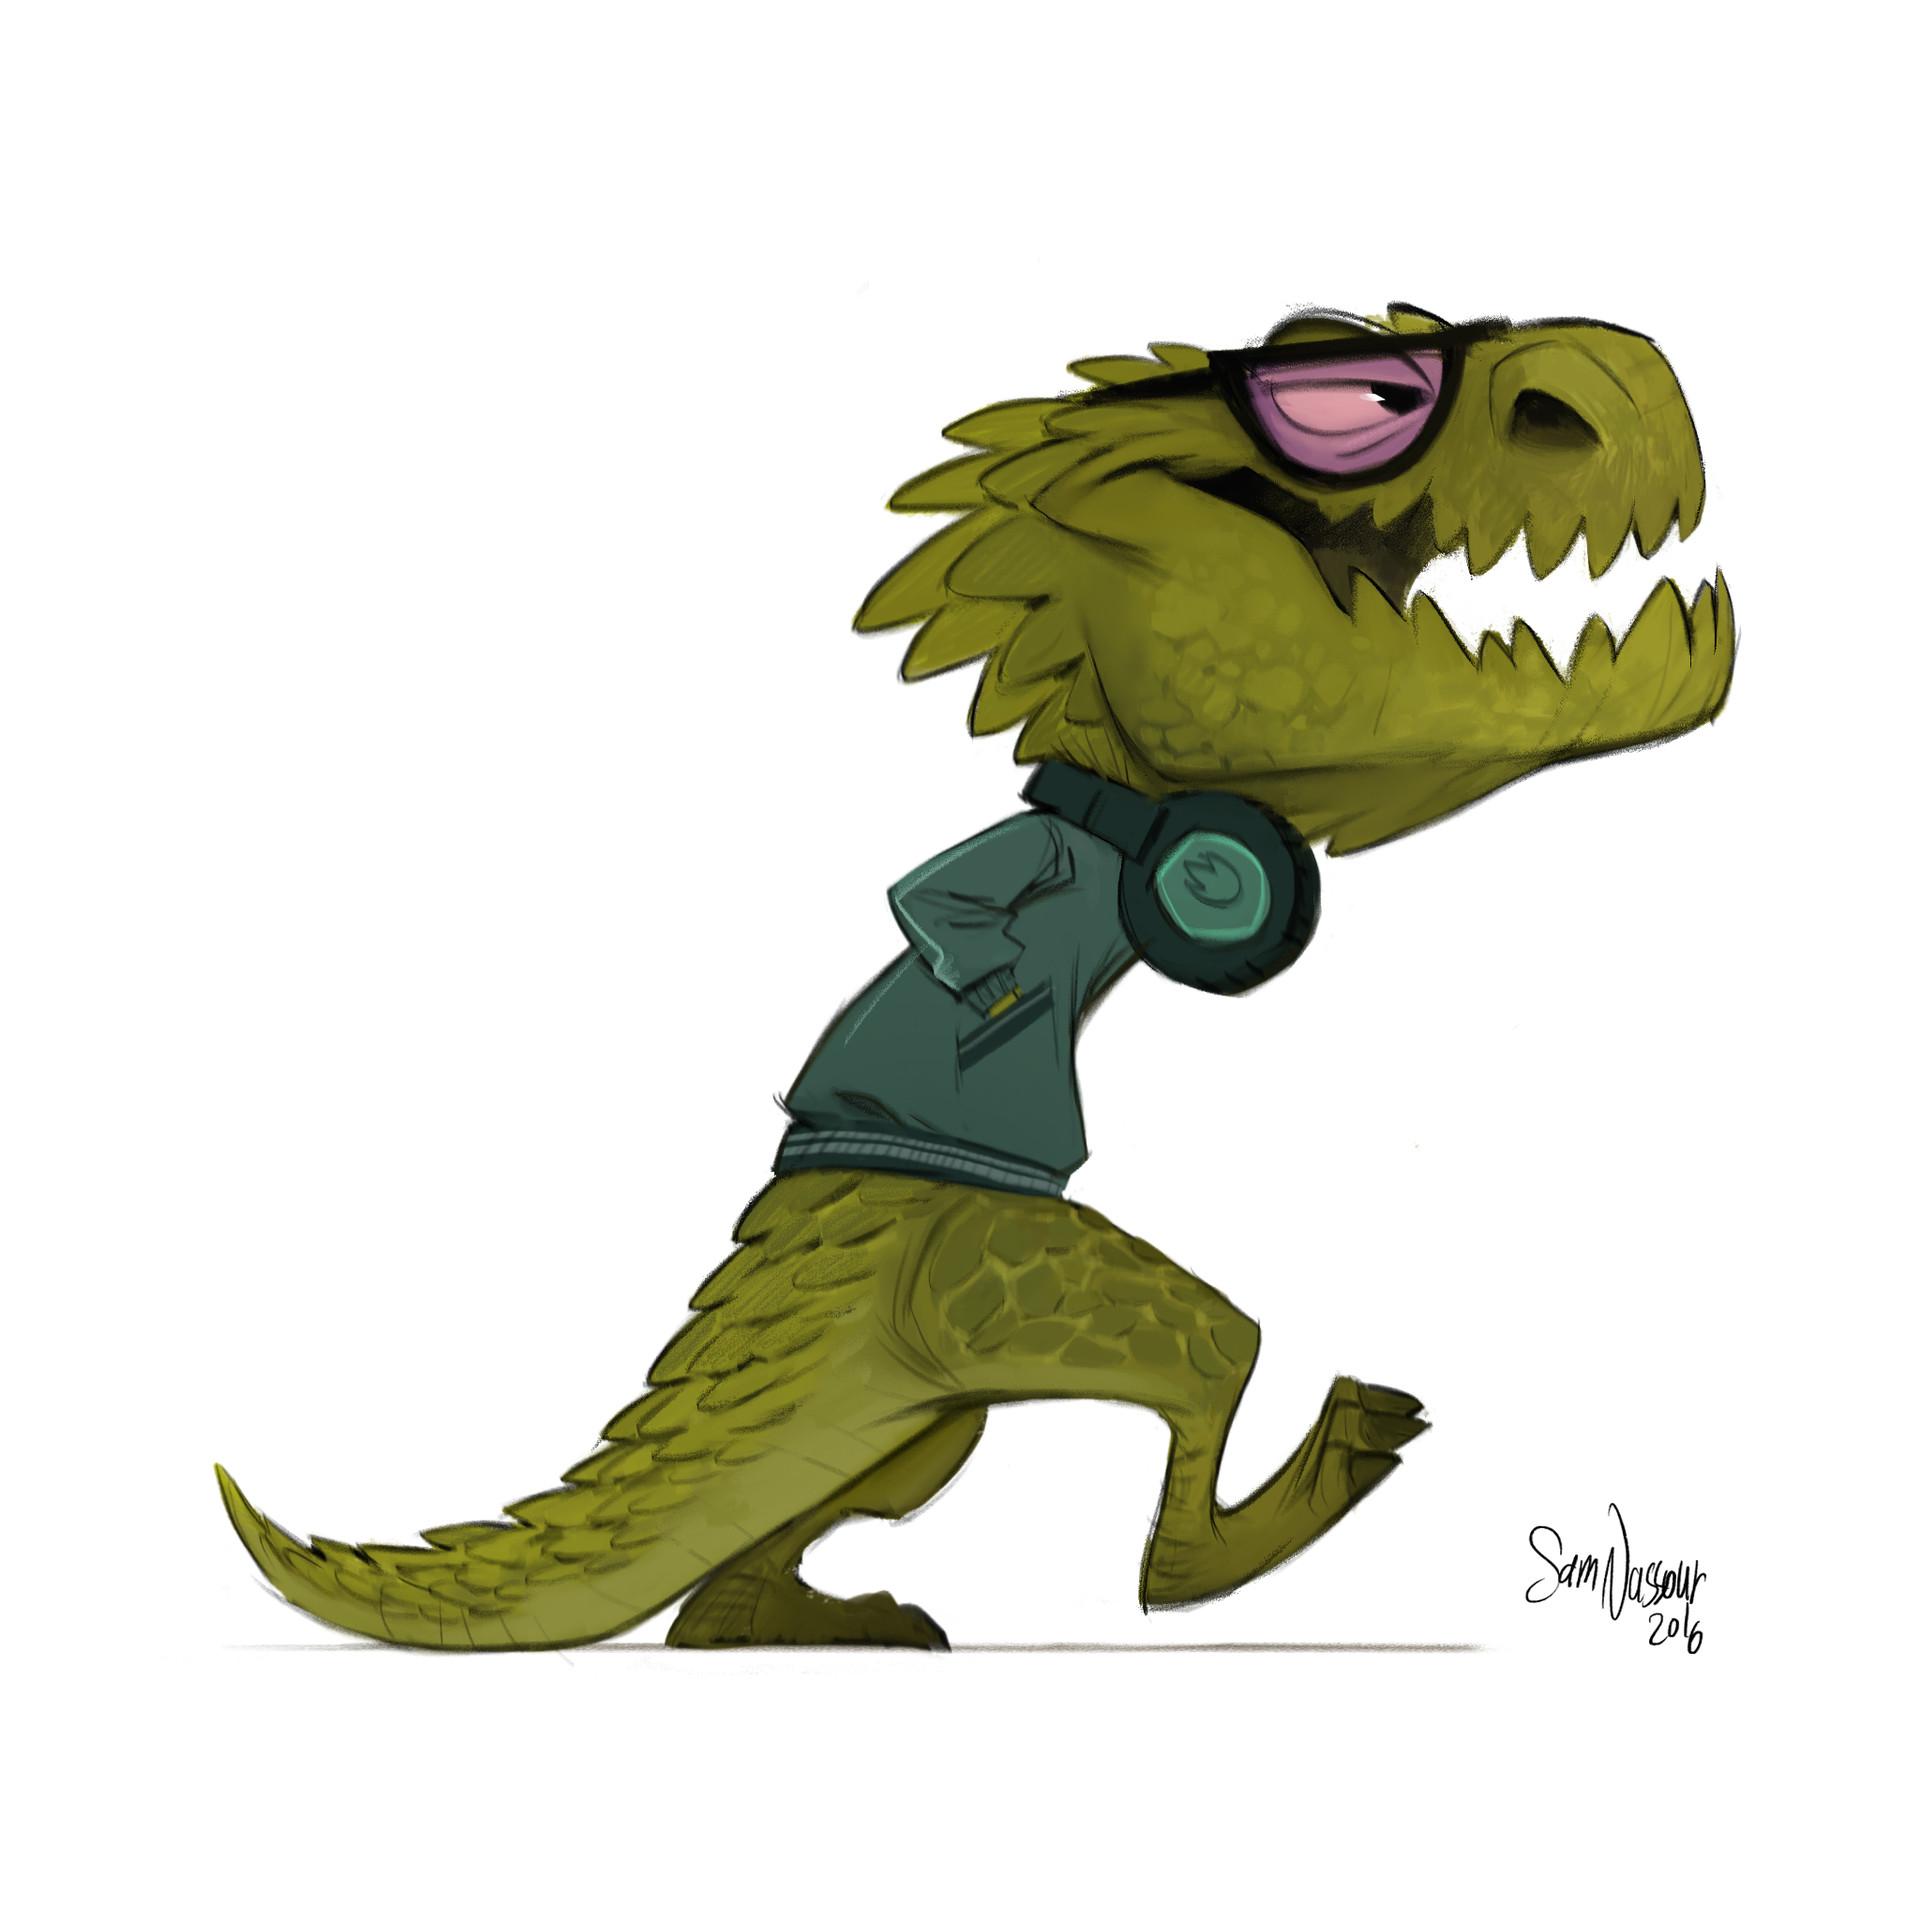 Sam nassour rex2